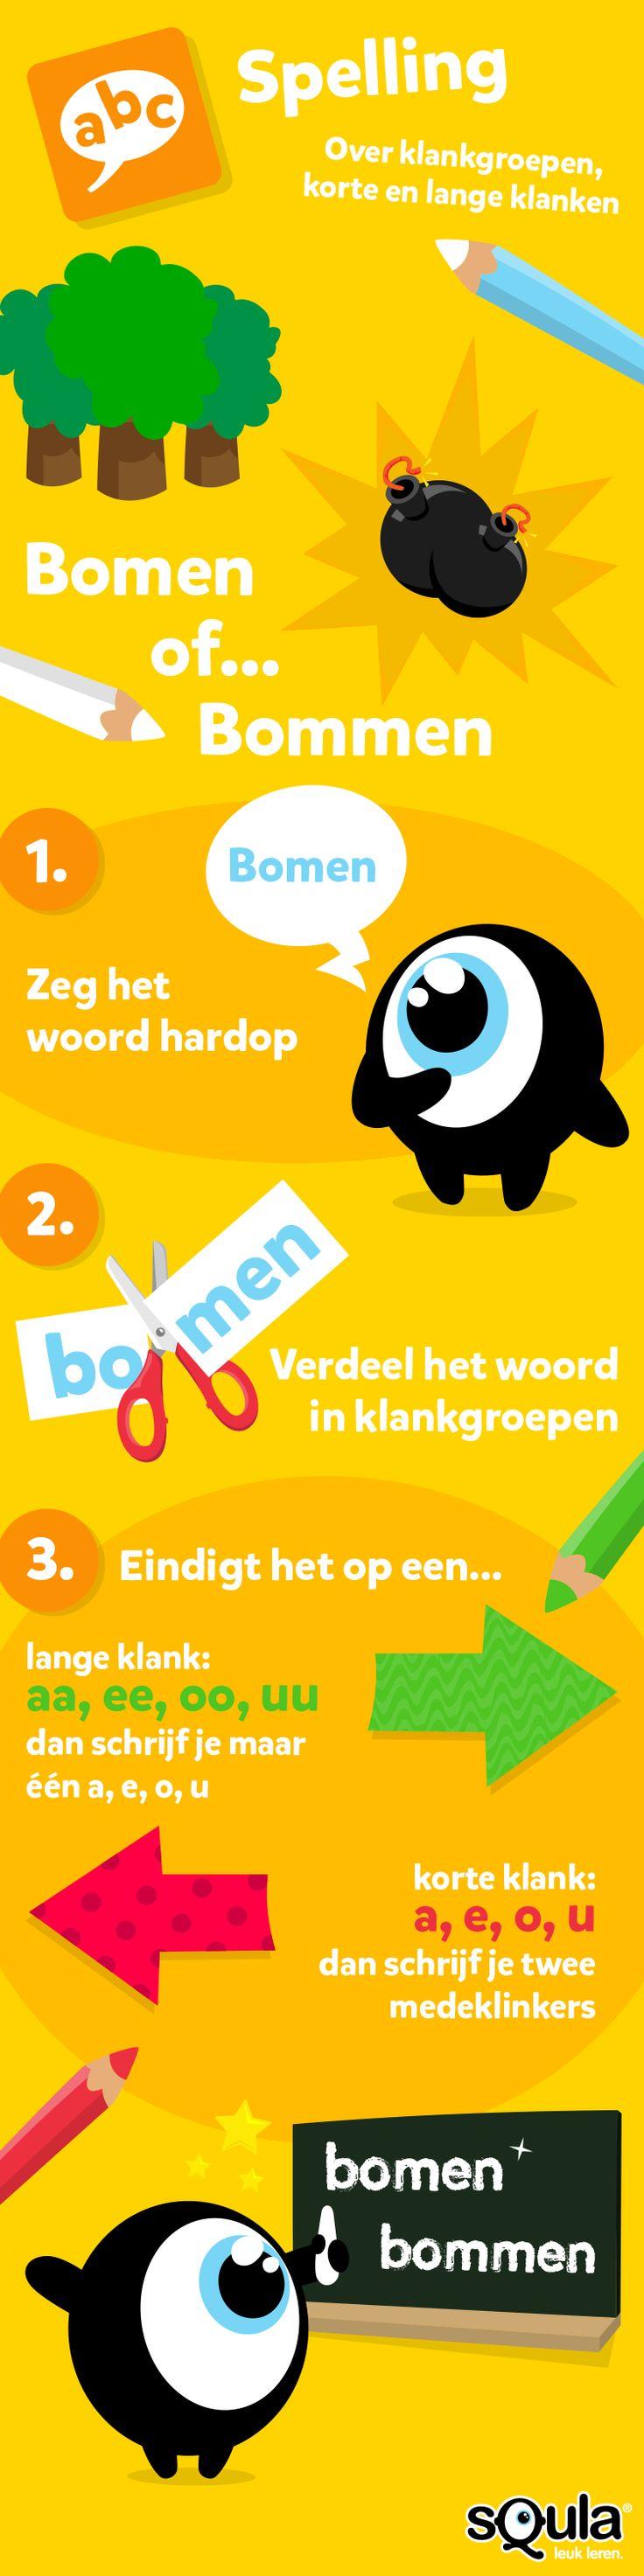 Schrijf je 'bomen' of 'bommen'? Volg de stappen in de infographic over spelling en leer over klankgroepen, lange en korte klanken. Veel plezier!